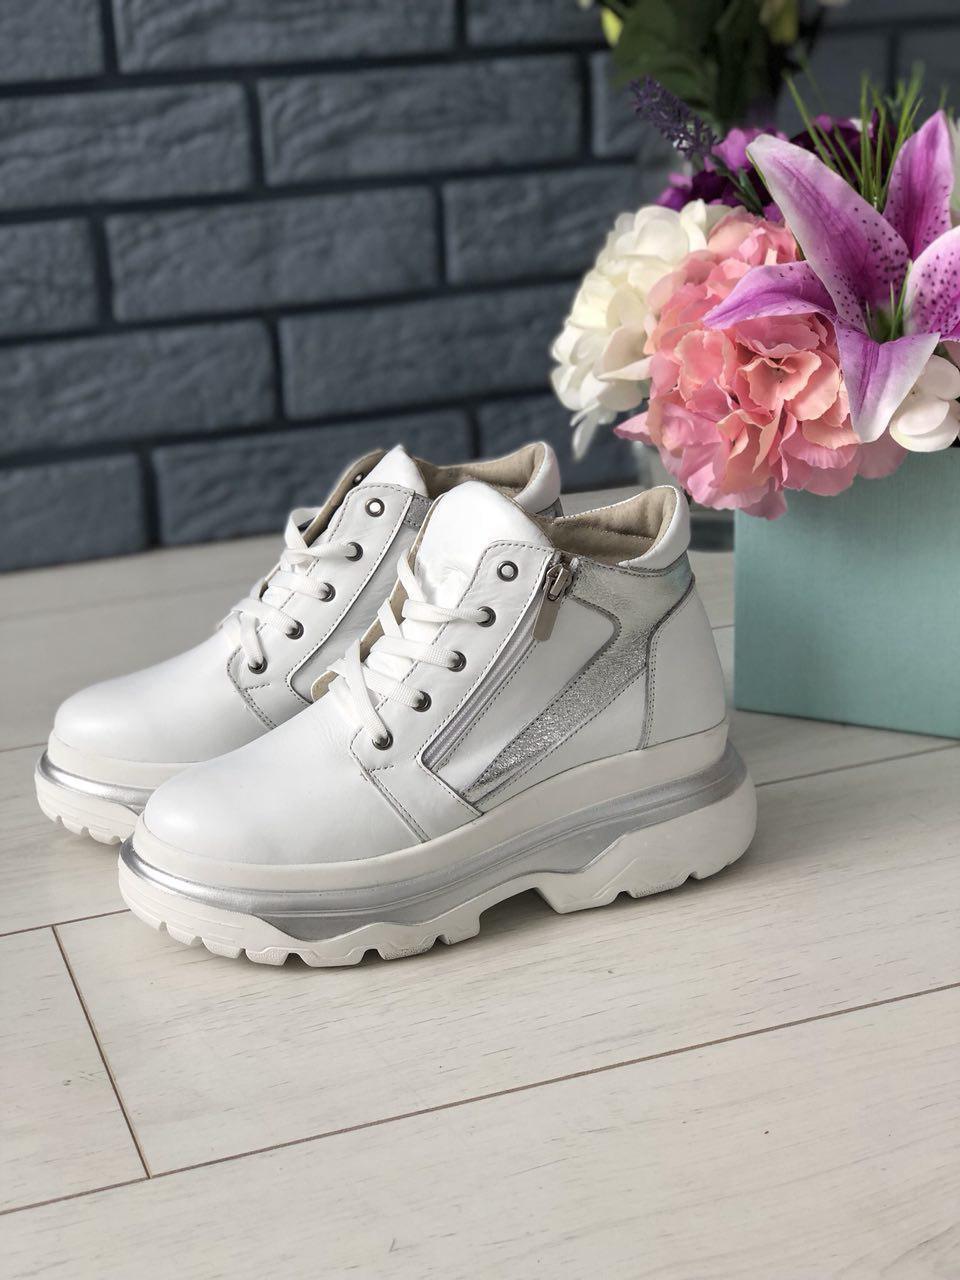 58bc70b1a Модные демисезонные ботинки женские кожаные на шнуровке высокая платформе  белые серебряные вставки C40NR55-1V, ...